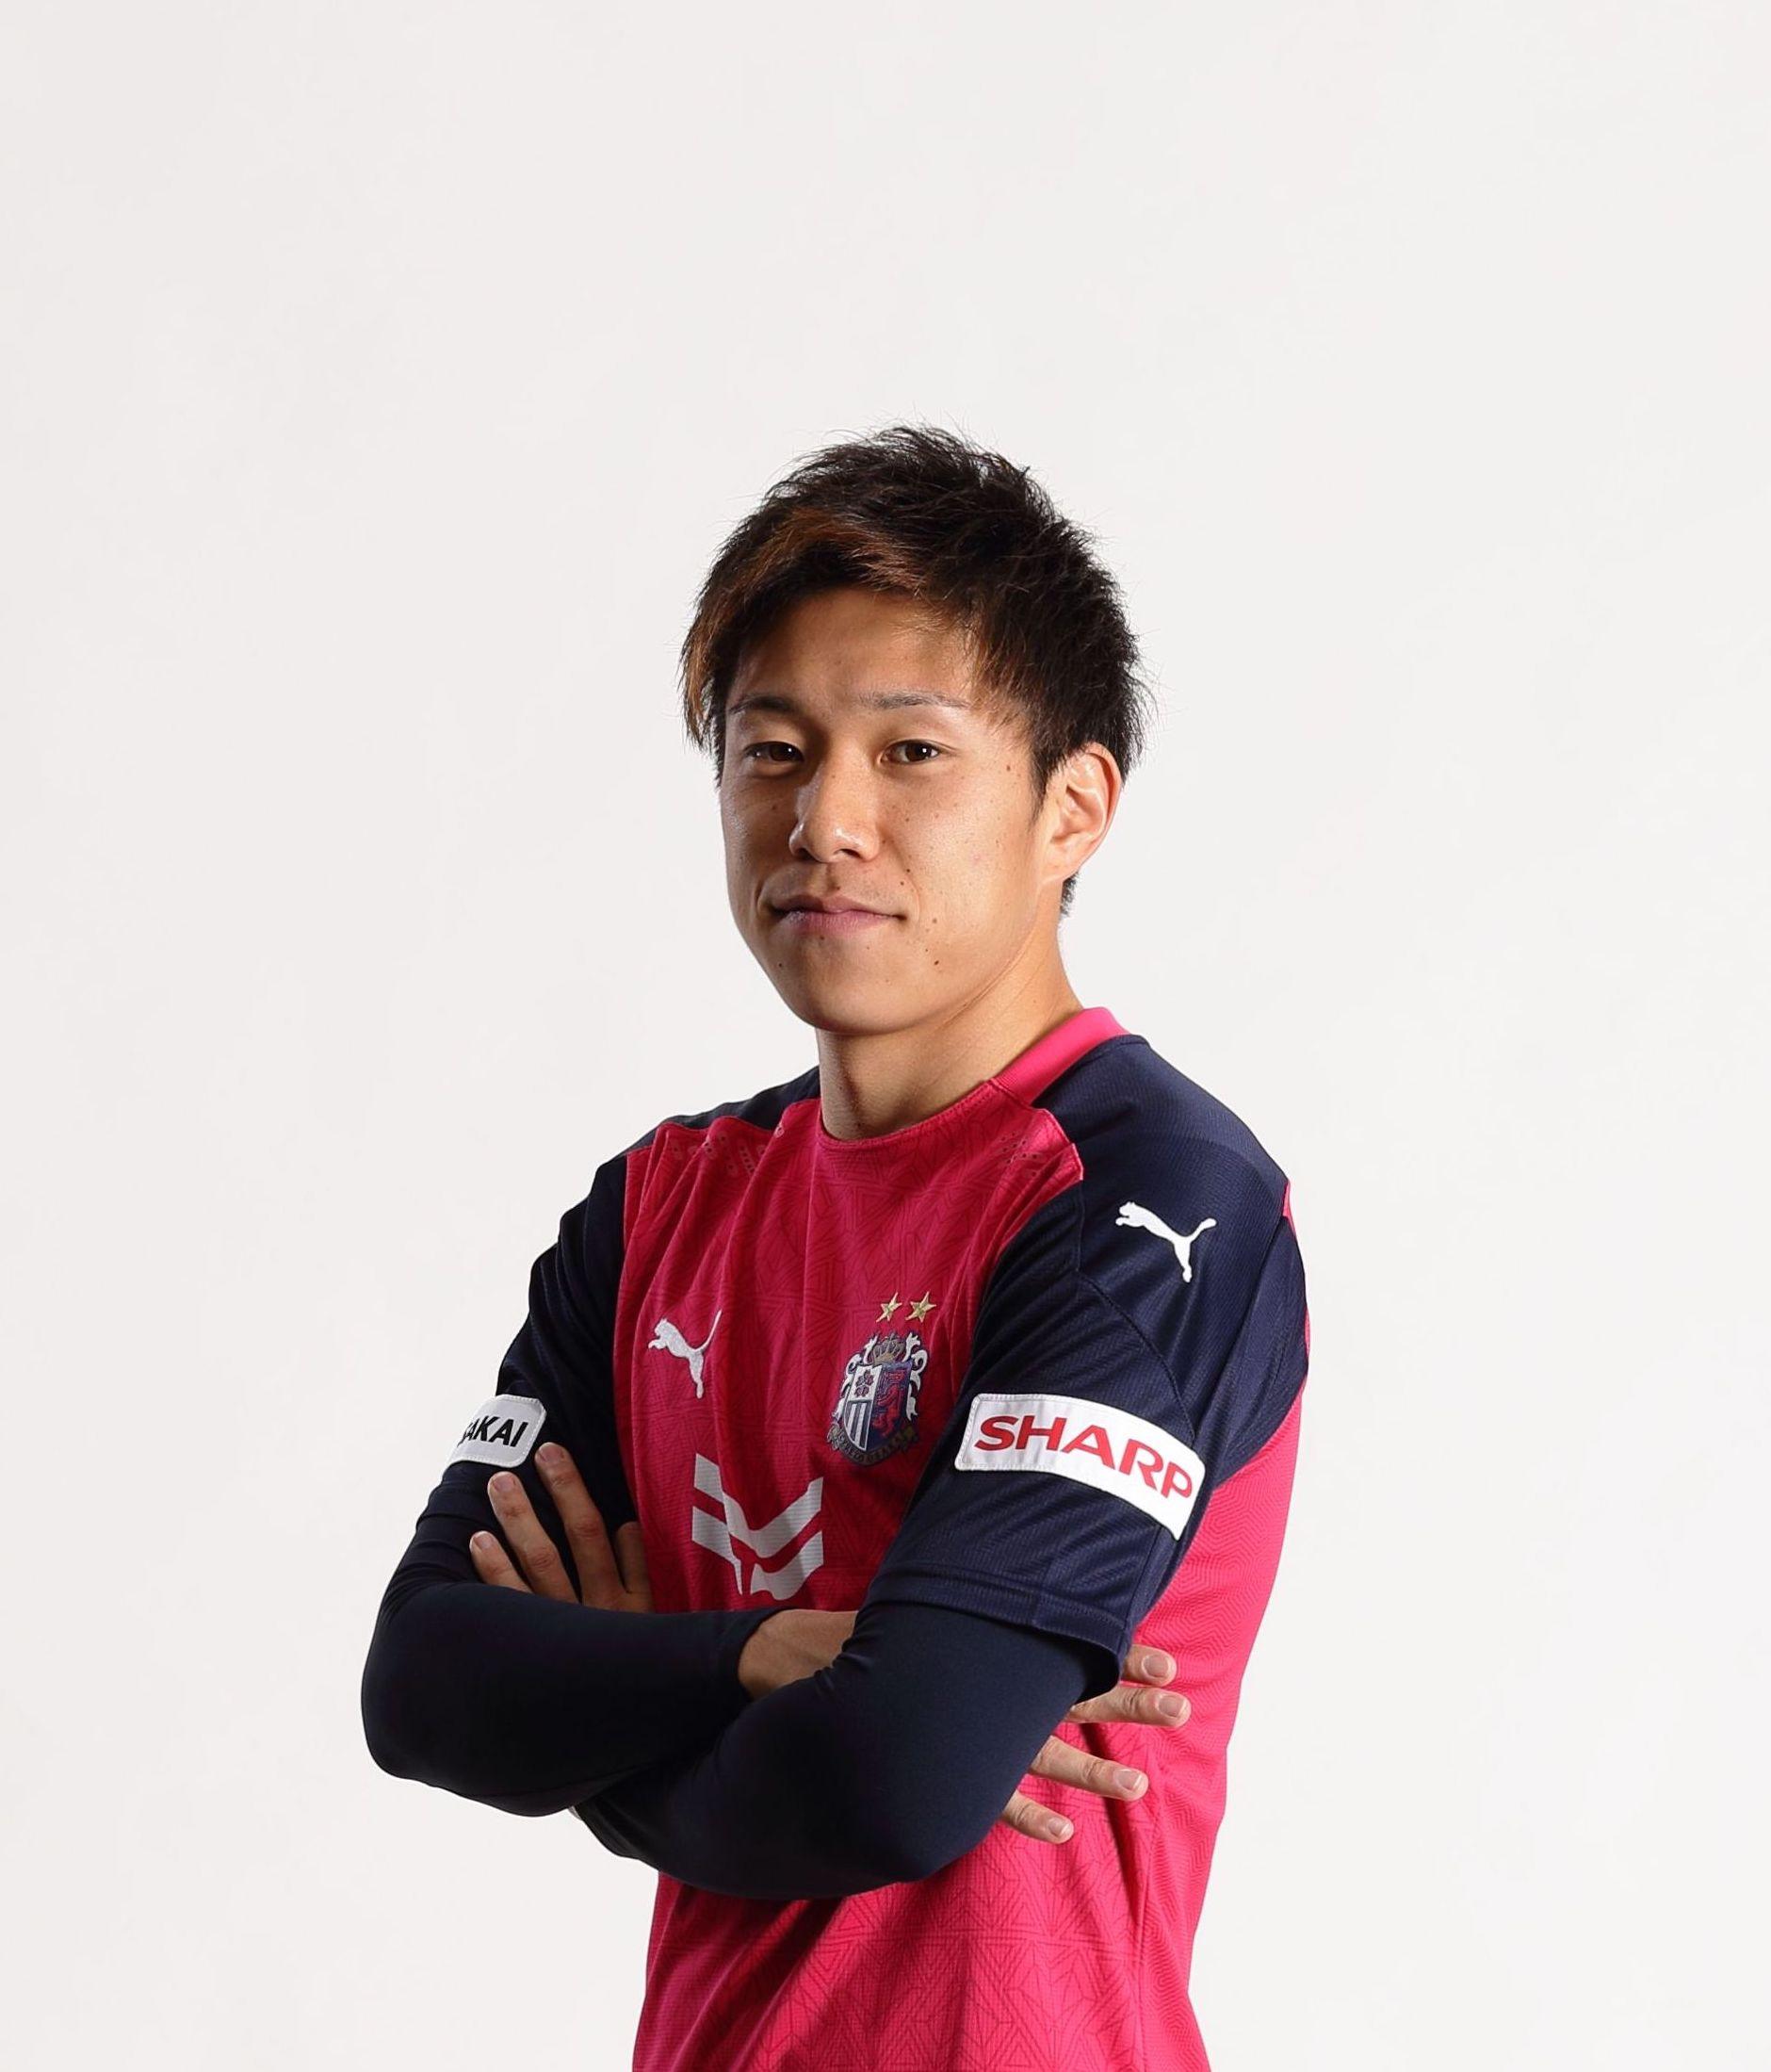 【本人直筆サイン入り公式】セレッソ大阪2020限定ユニフォーム 4 小池裕太 選手